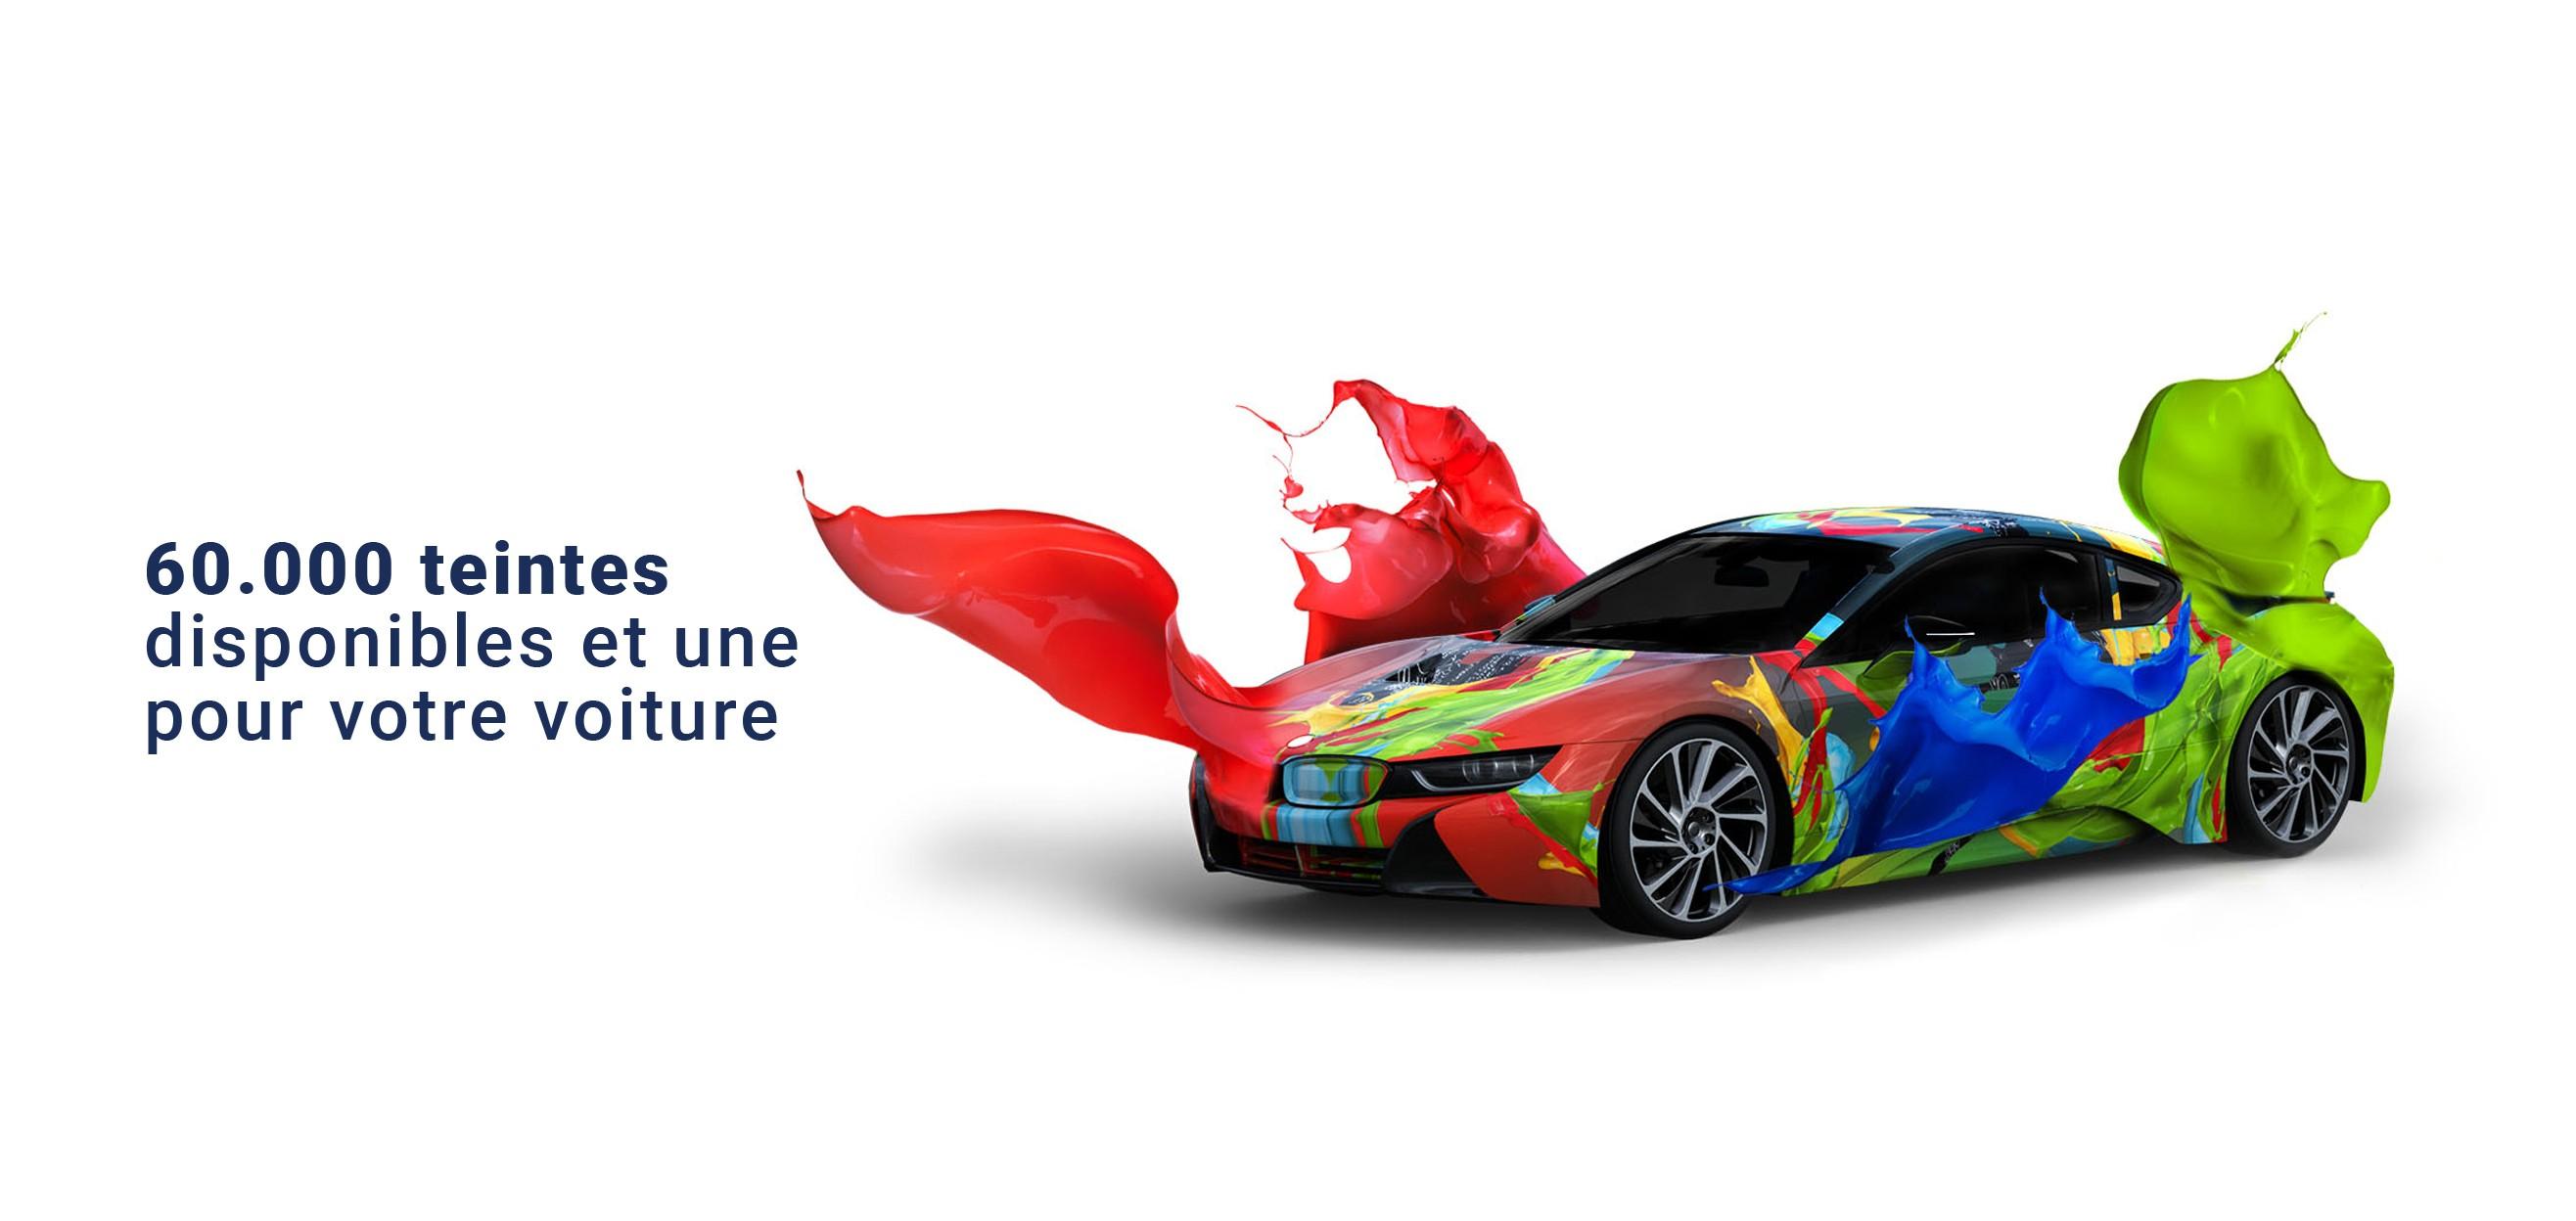 Peinture pour votre voiture